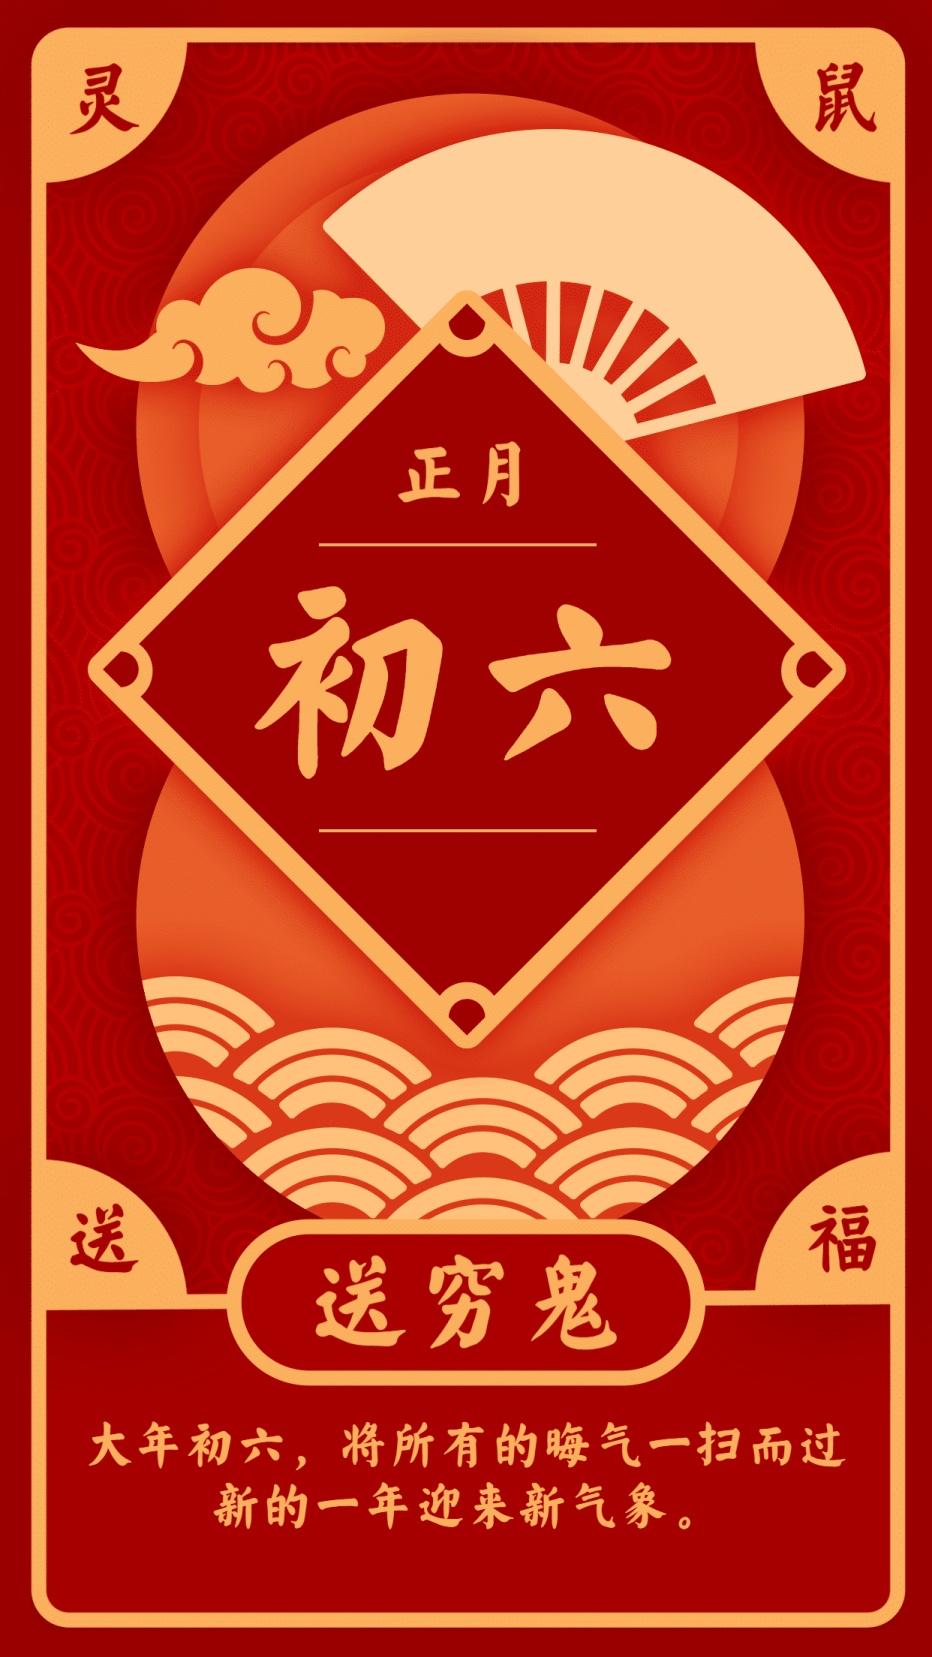 春节习俗/初六/喜庆中国风/手机海报